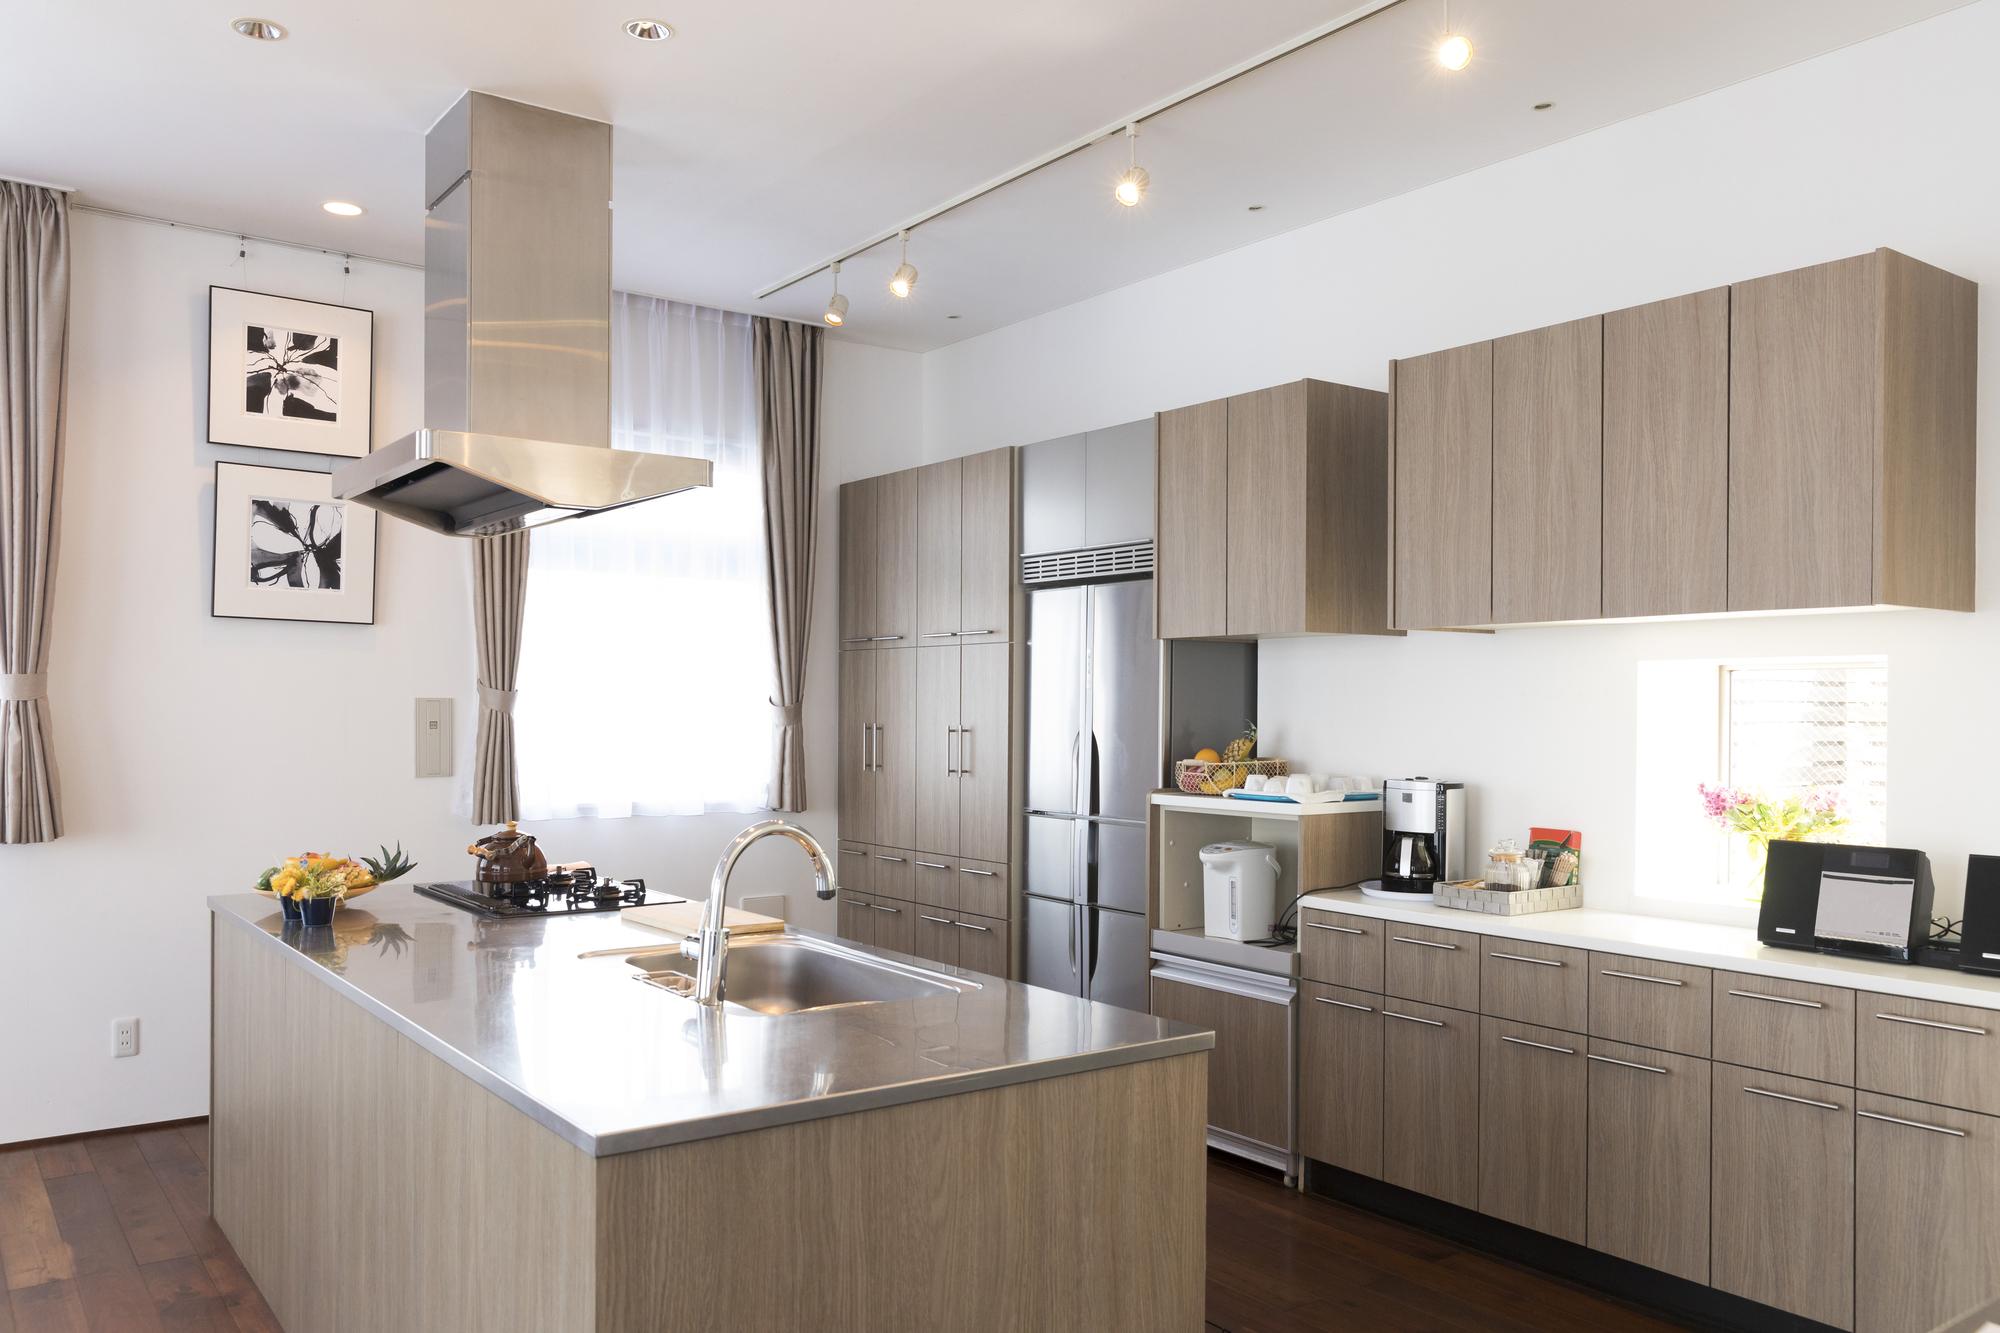 キッチン -kitchen-